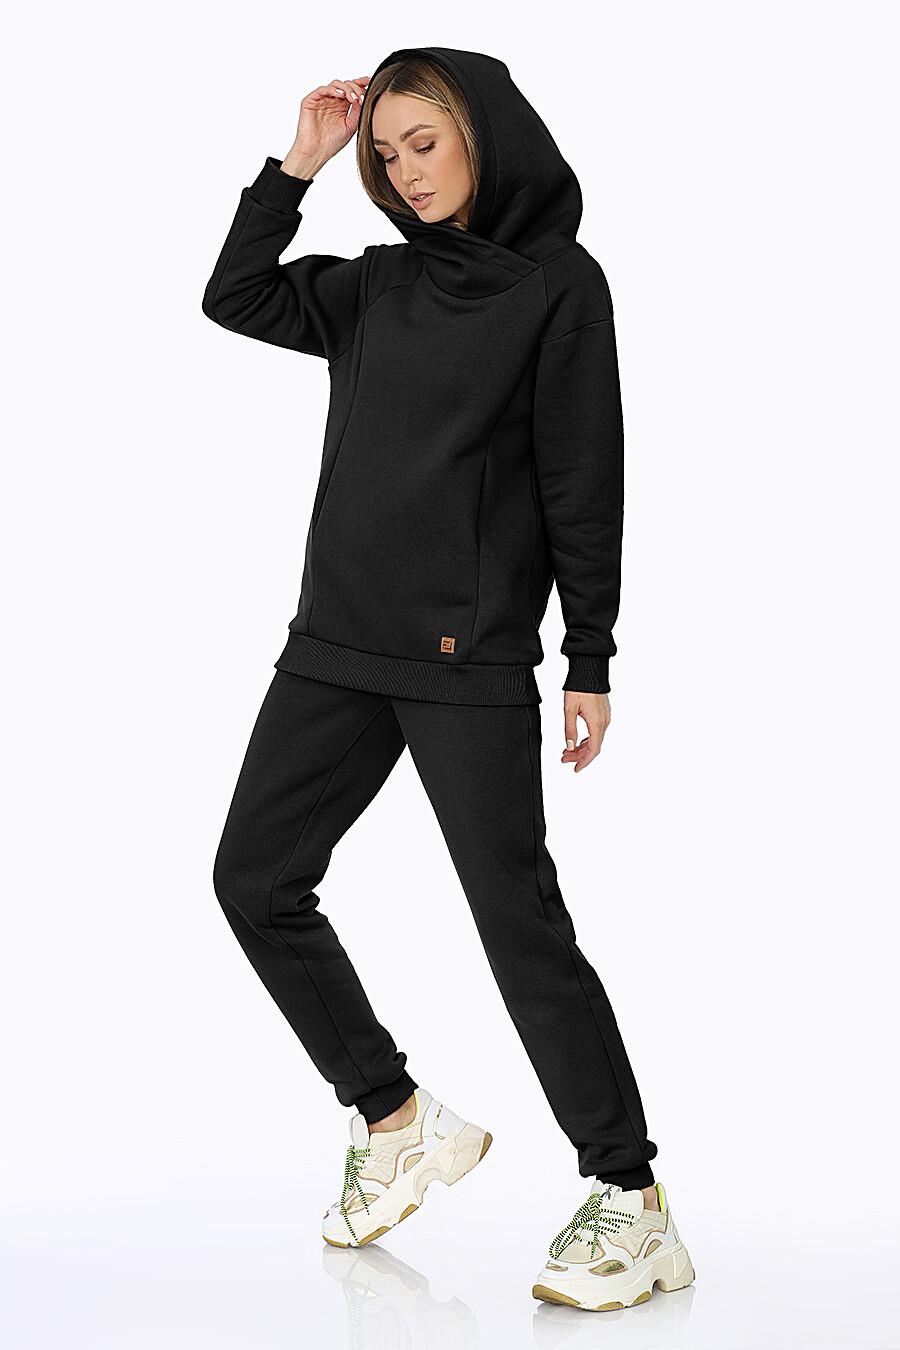 Худи для женщин EZANNA 708522 купить оптом от производителя. Совместная покупка женской одежды в OptMoyo